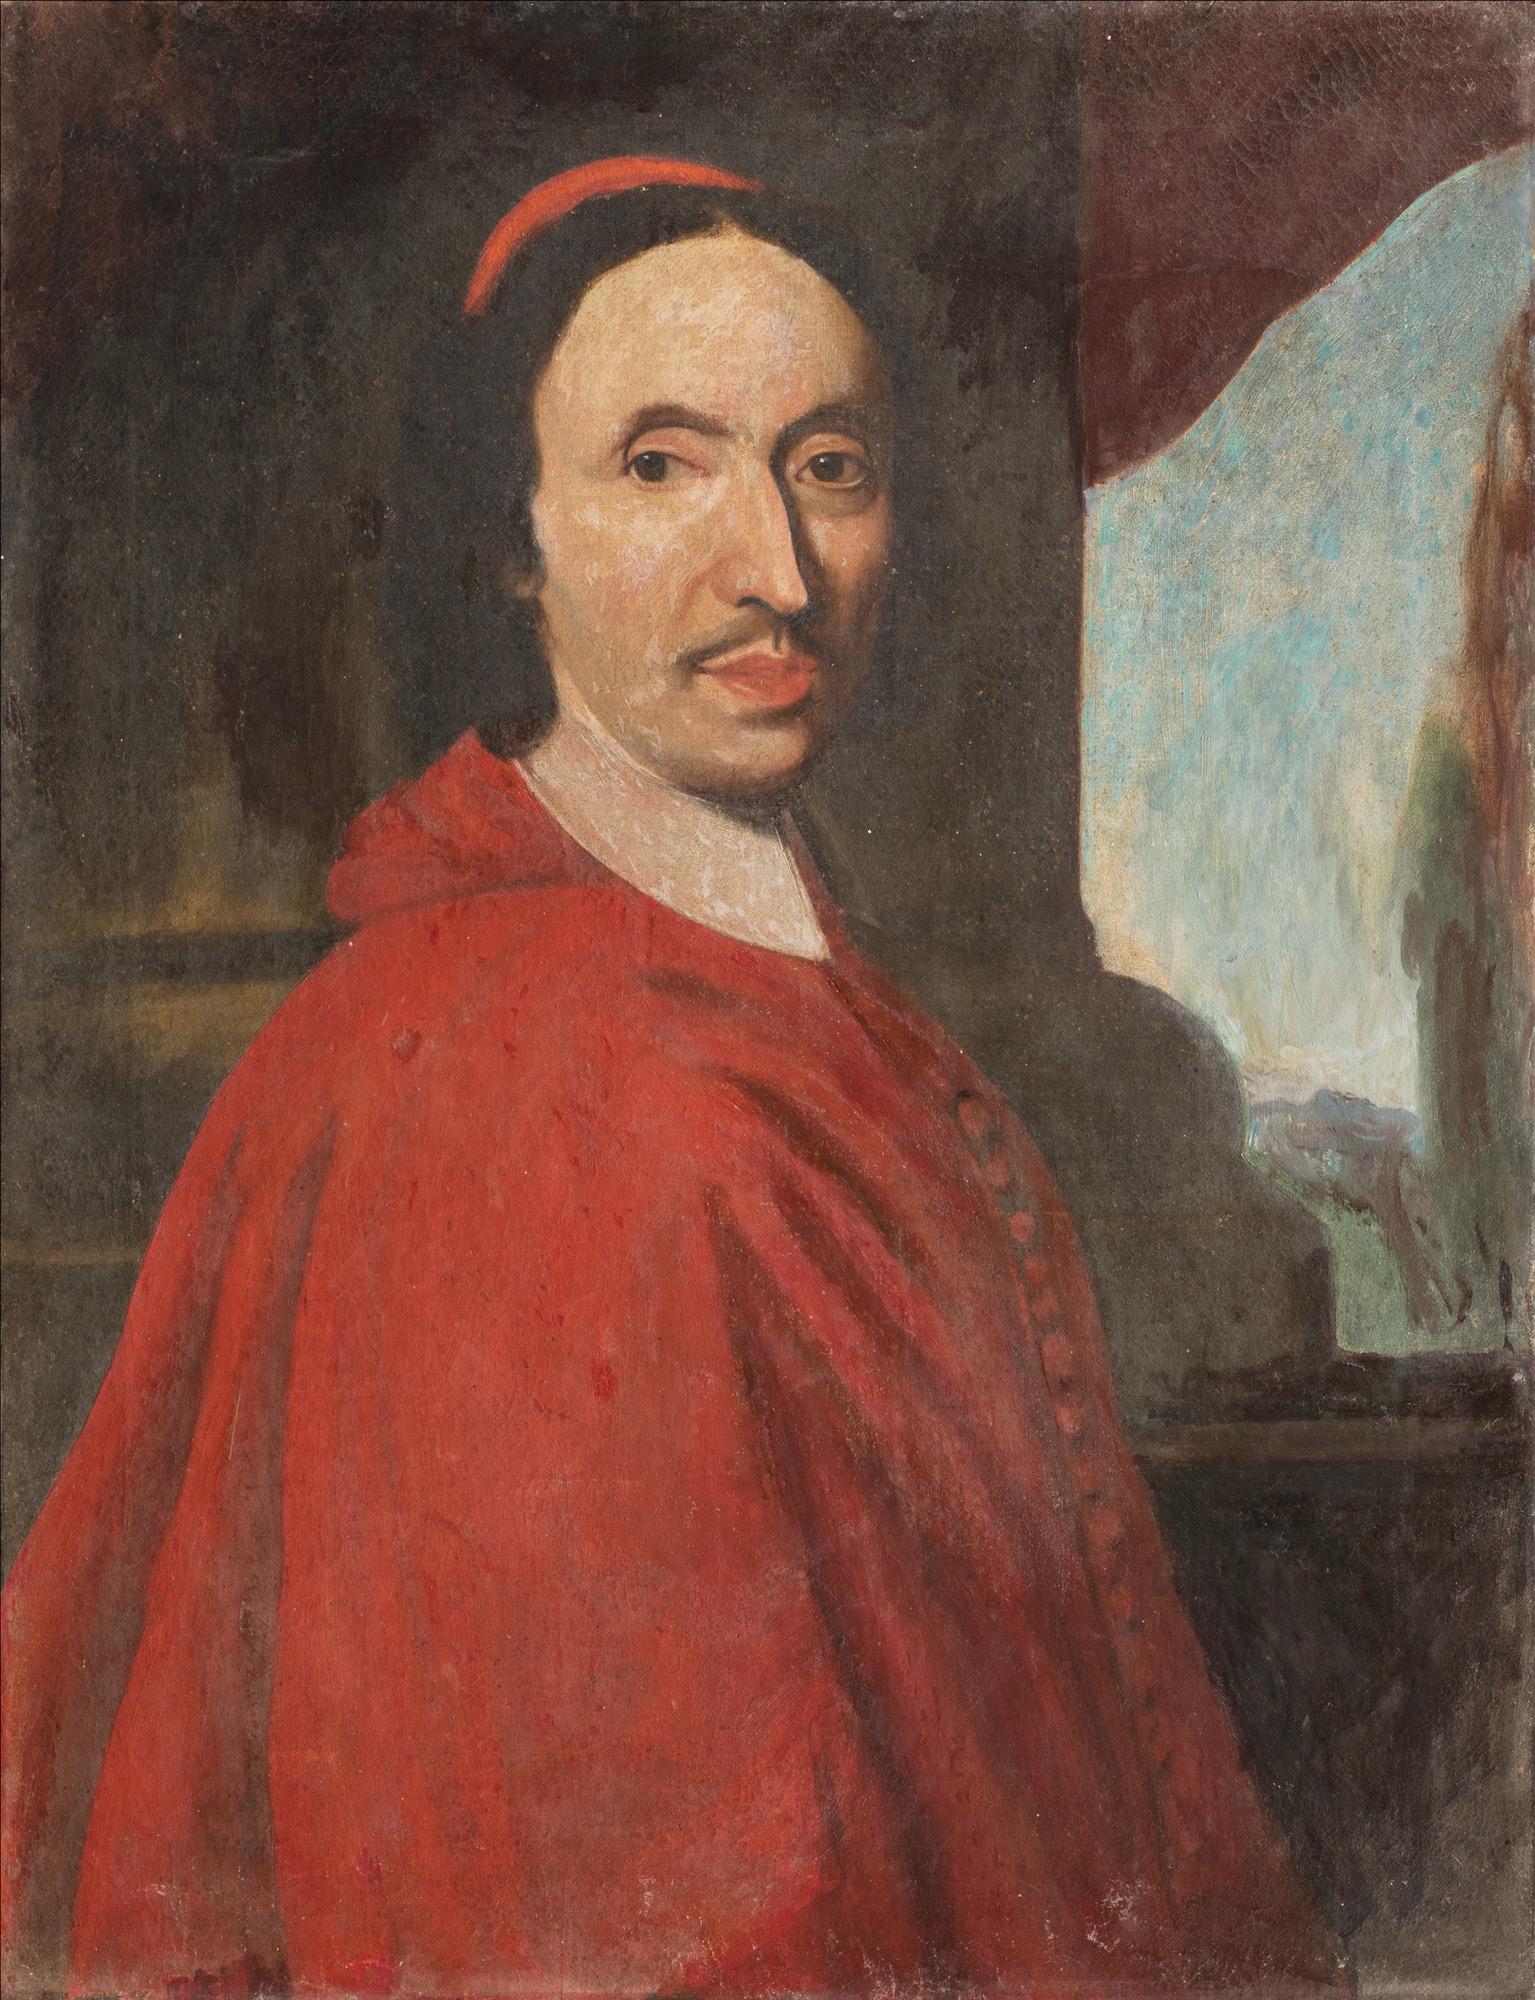 Ritratto di cardinale a mezzo busto